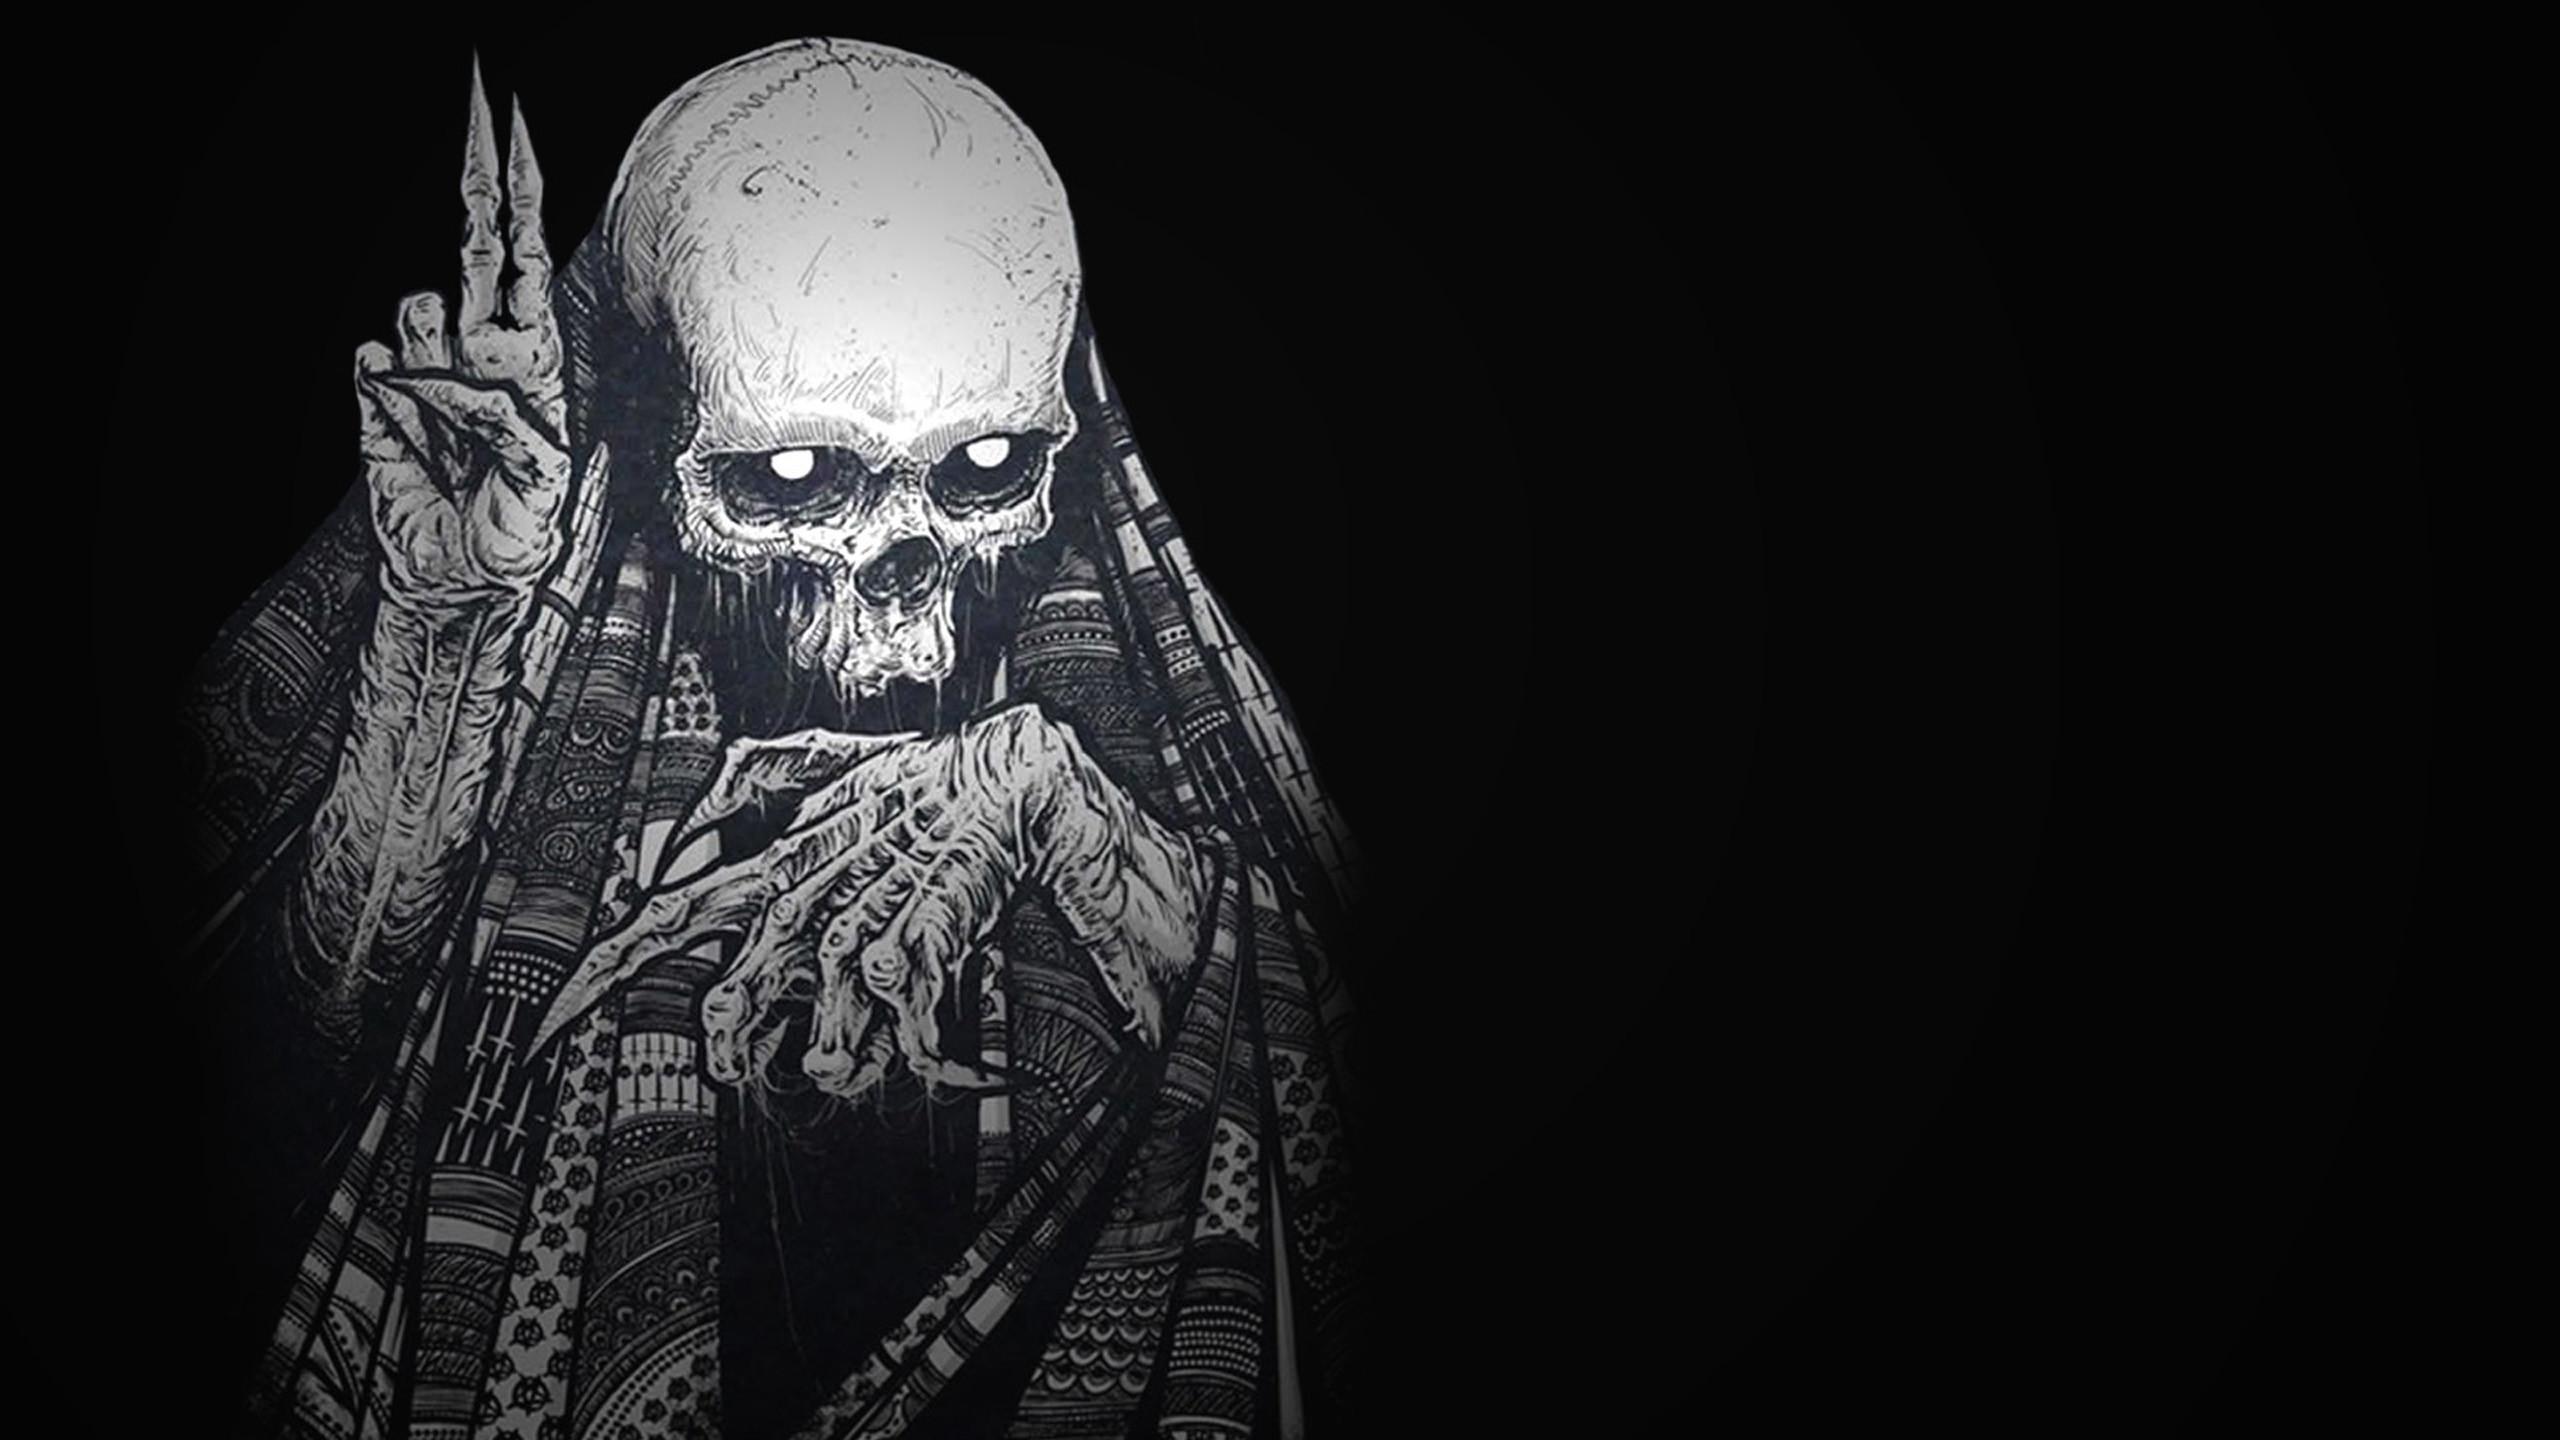 Skull Desktop Wallpapers (46+ pictures)